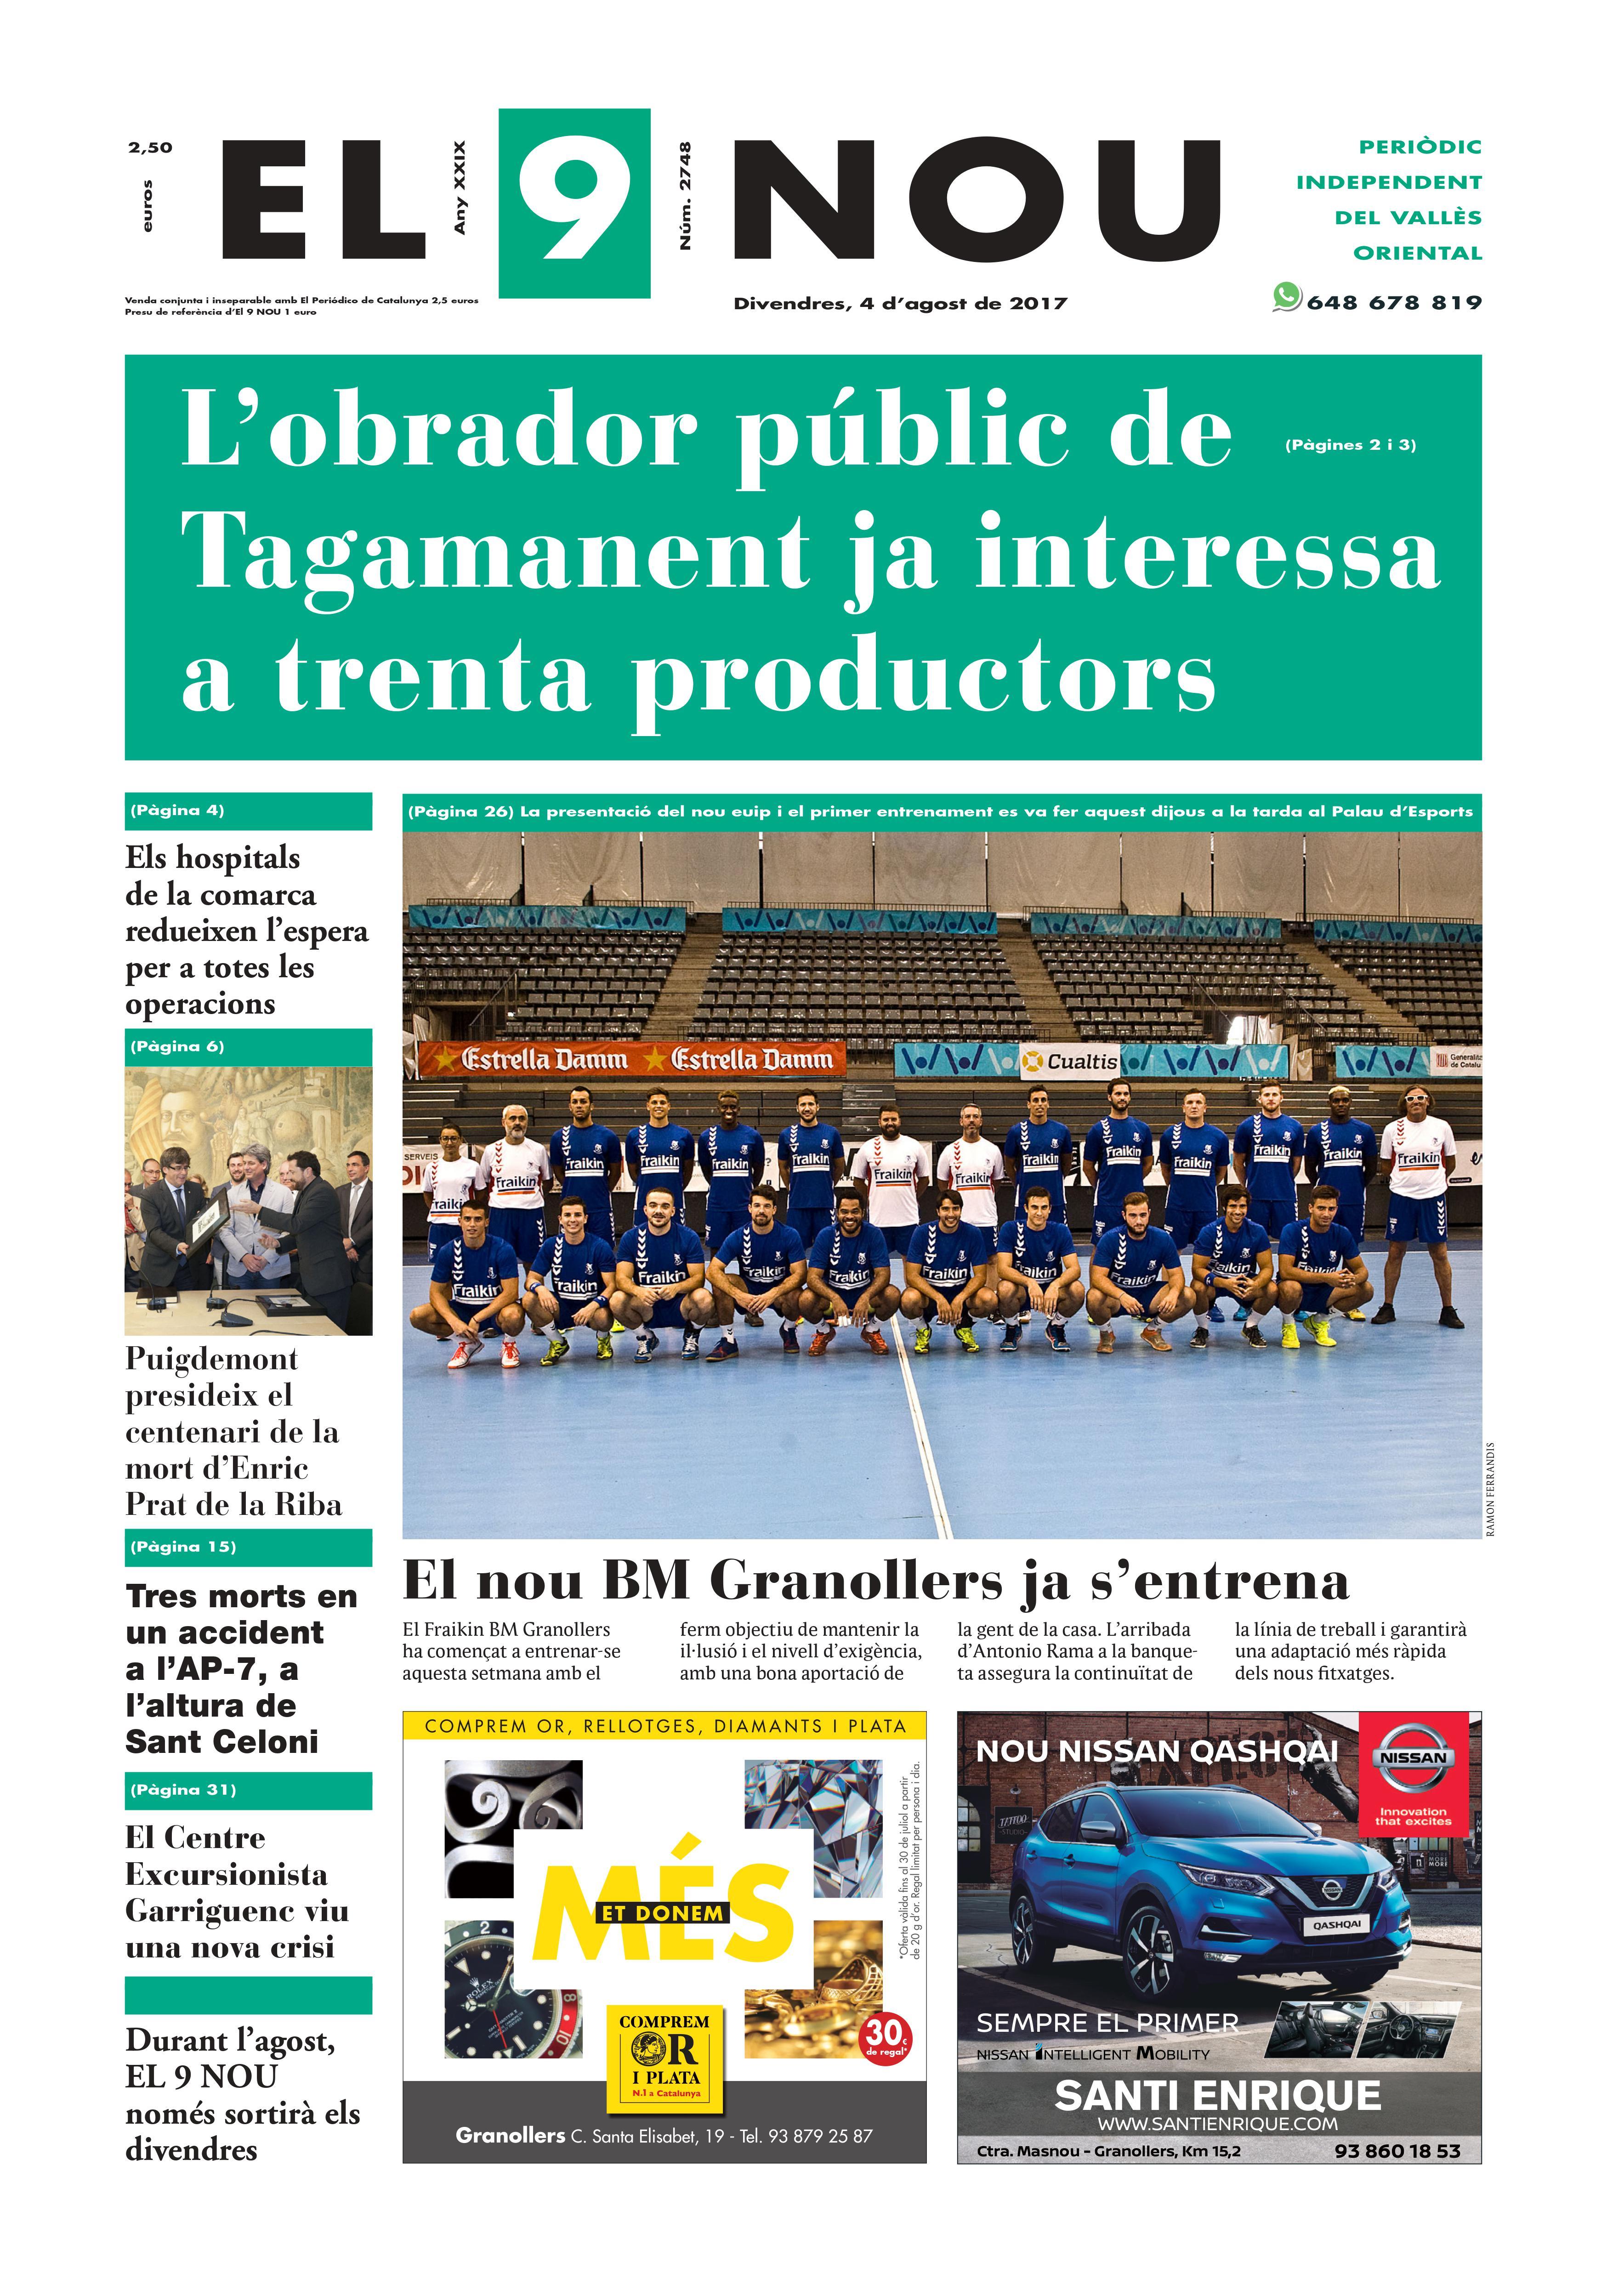 La portada del 4 d'agost de 2017